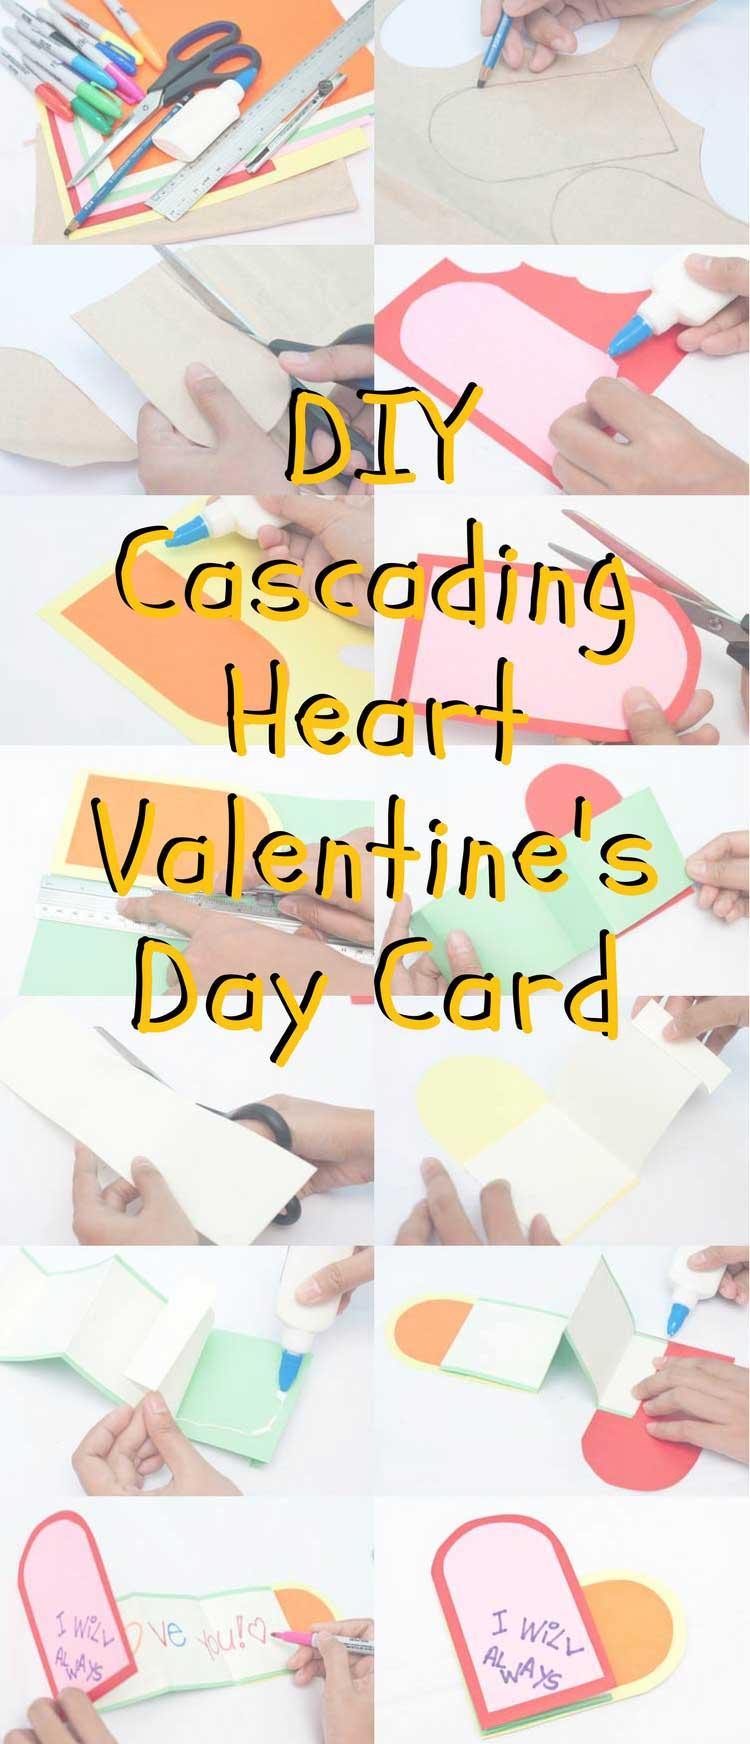 Valentine's Day Card Craft